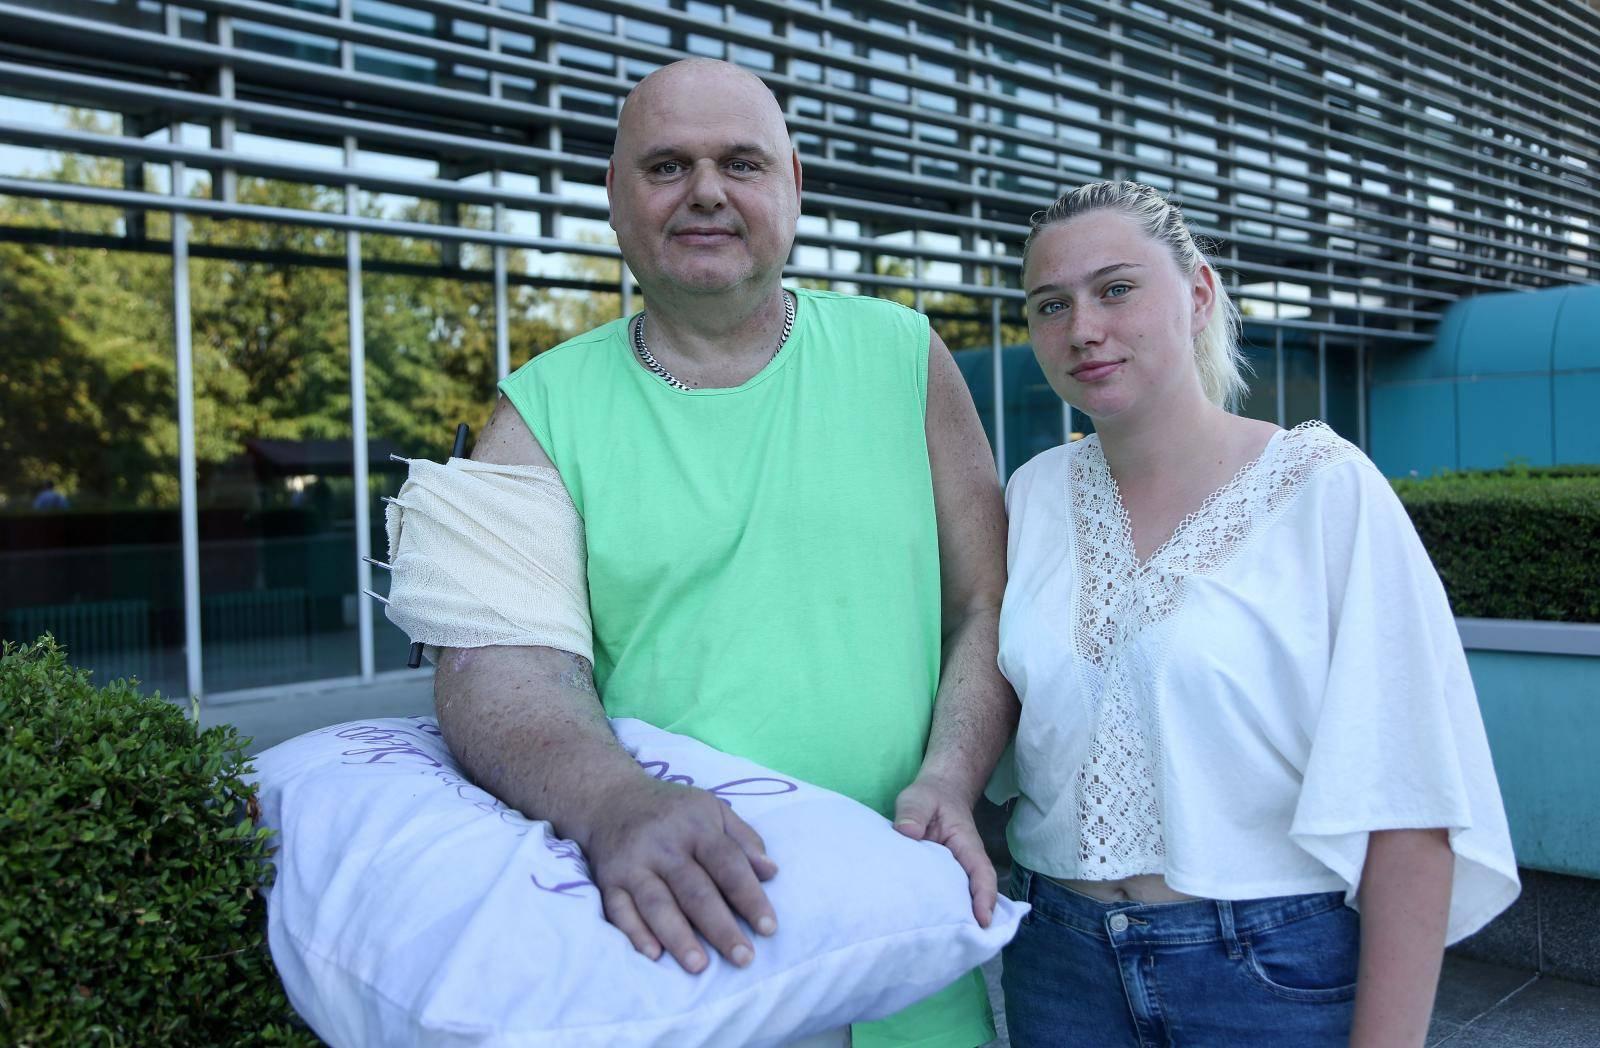 'Staklo mi je odsjeklo ruku dok sam štitio kćer. Prišili su mi je'